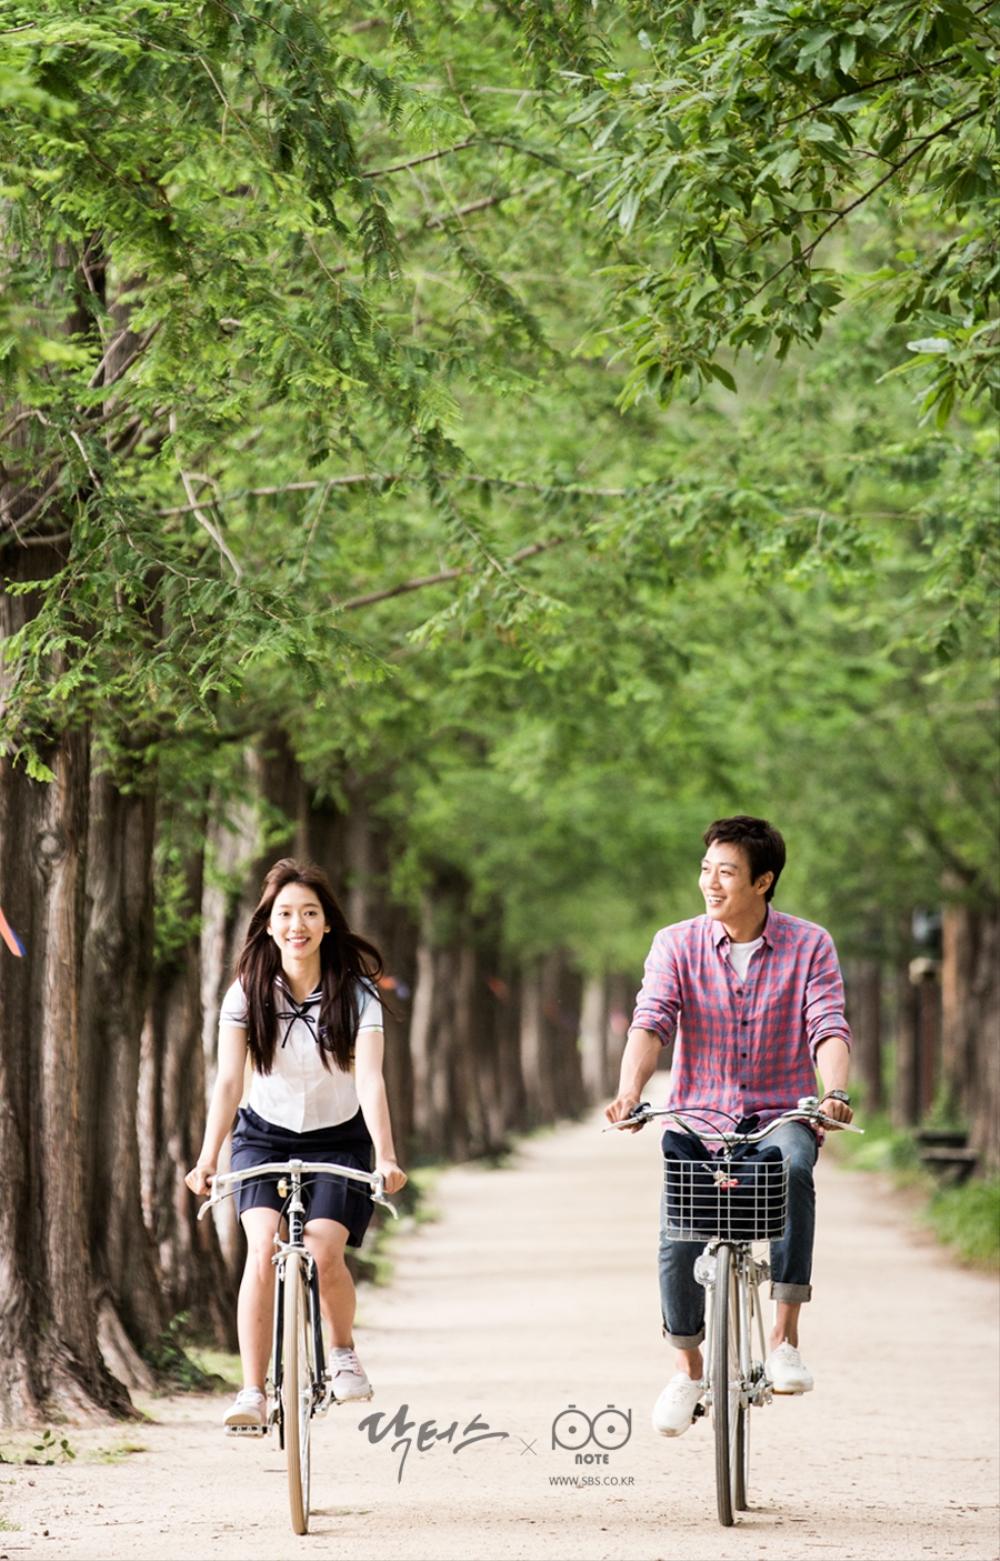 닥터스 포토스케치 호수 공원 길에서 자전거를 타는 김래원 박신혜